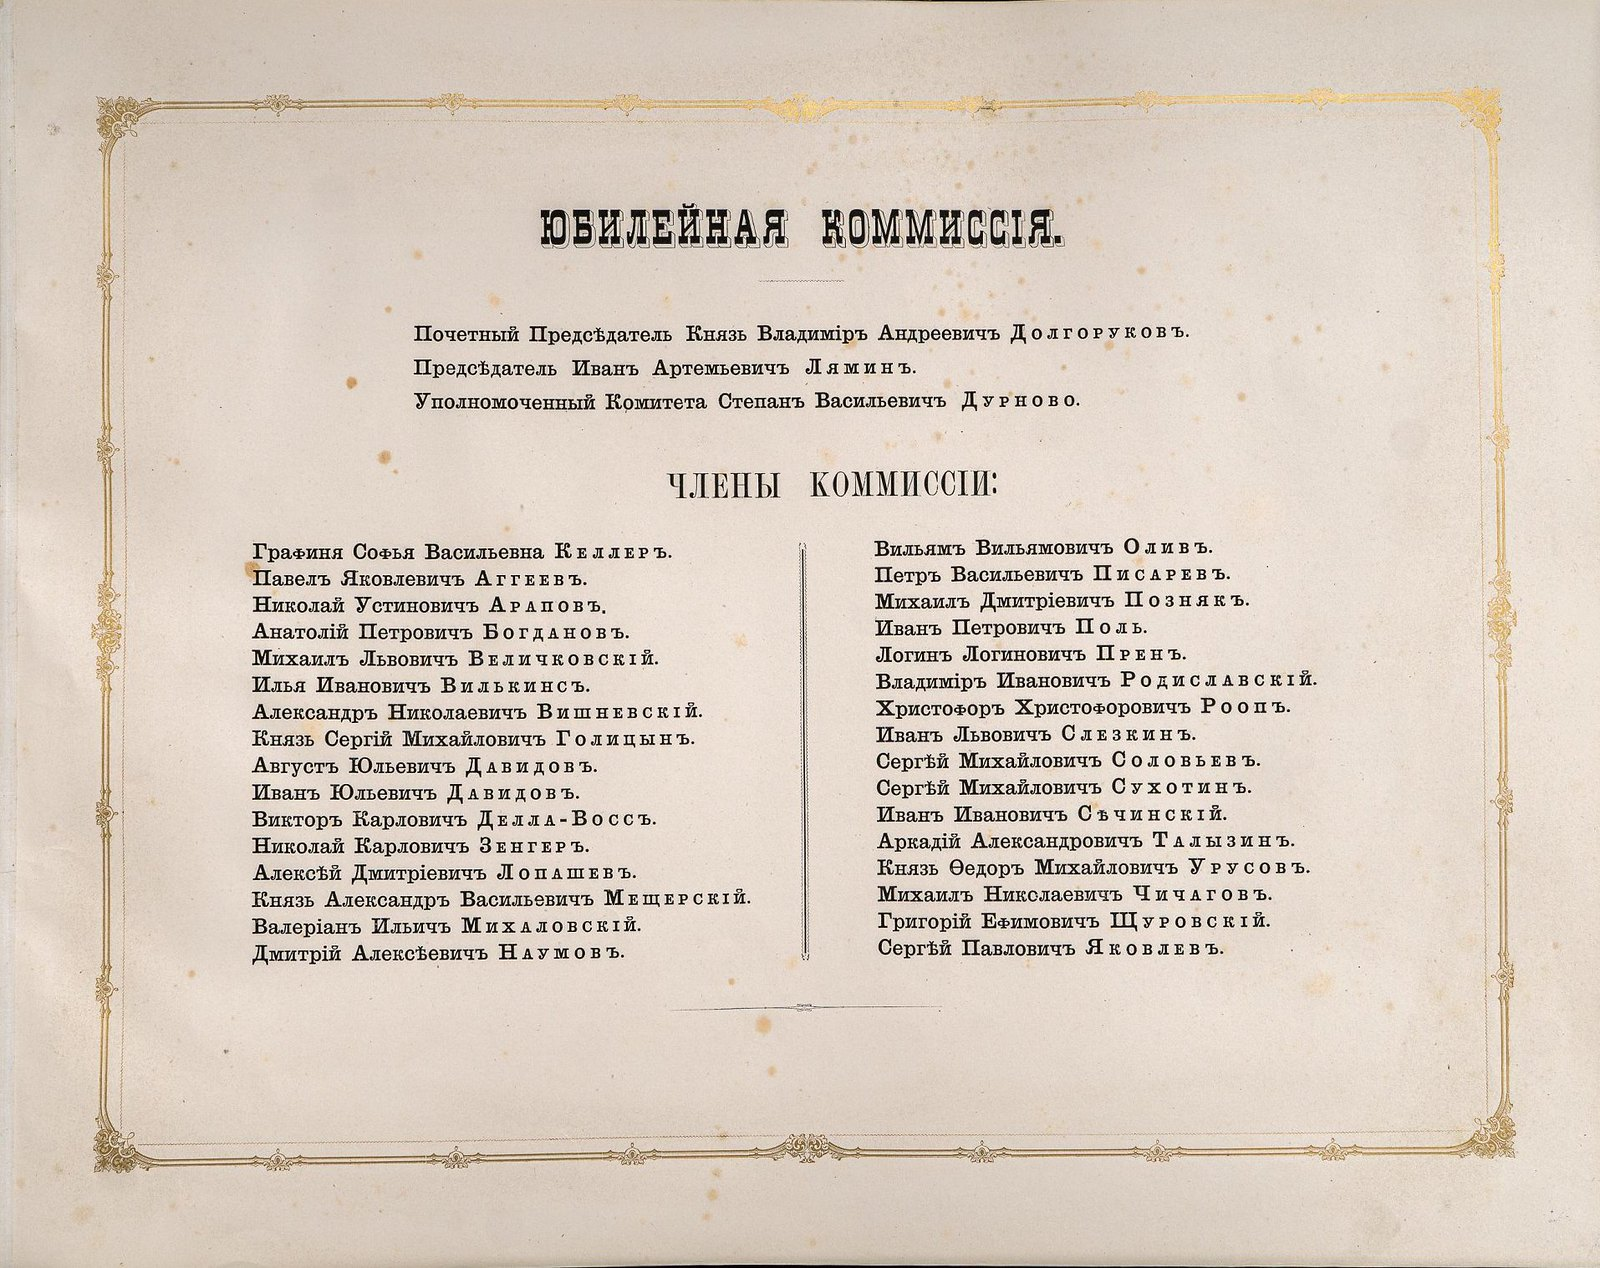 03. Список членов Юбилейной комиссии